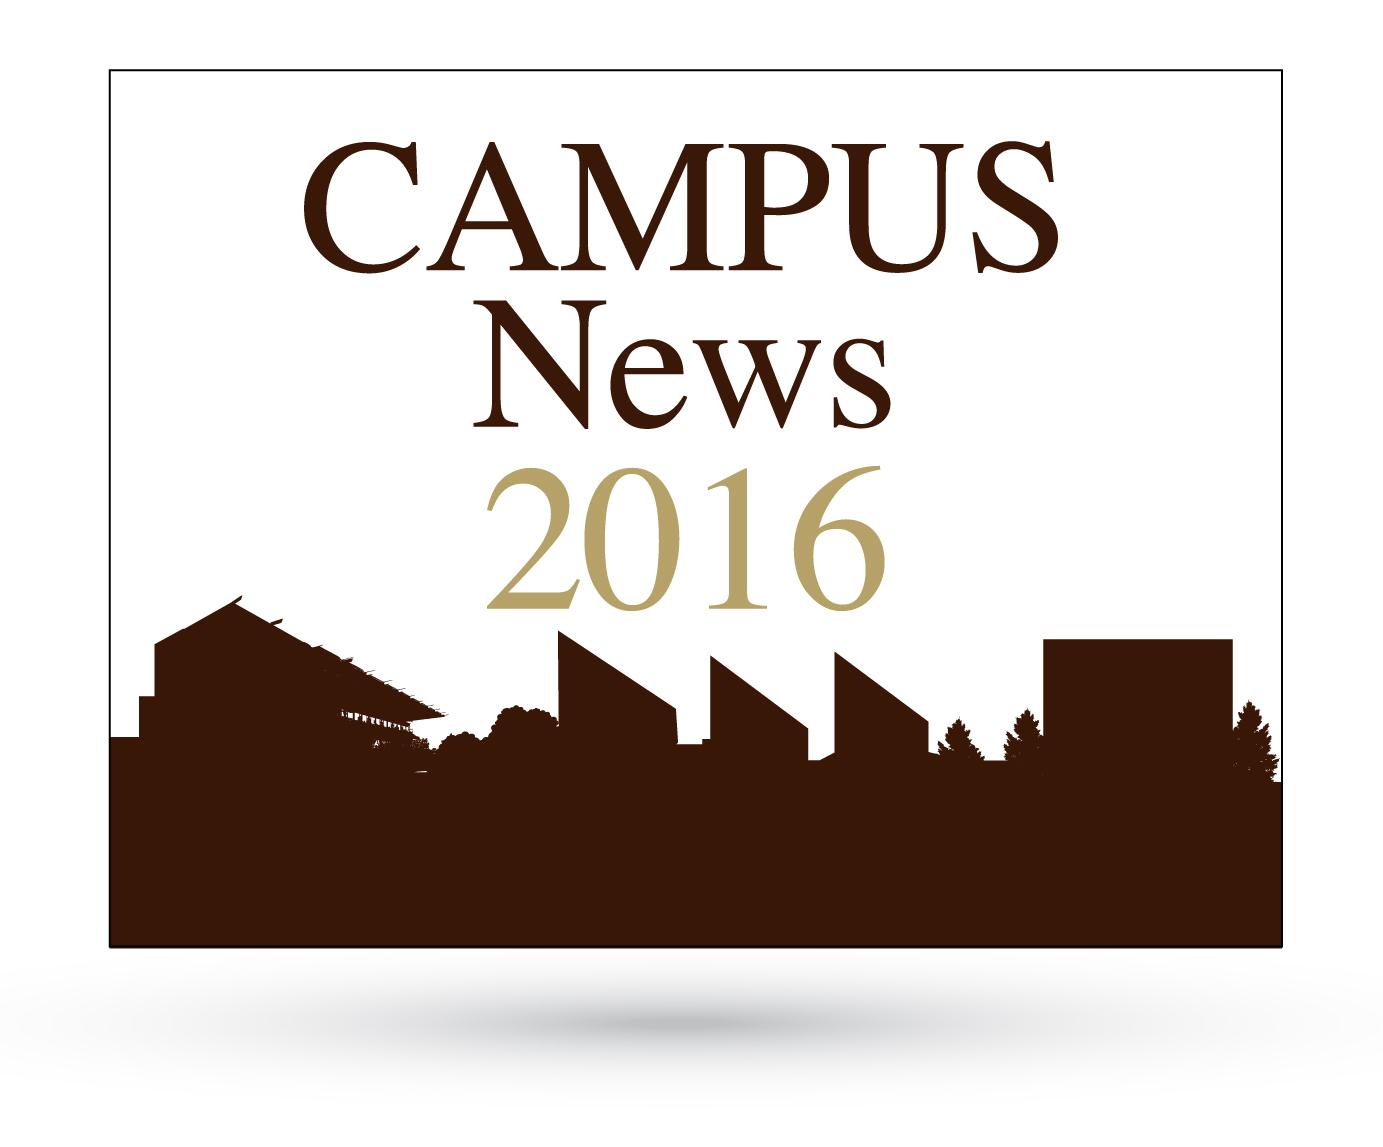 Campus News 2016